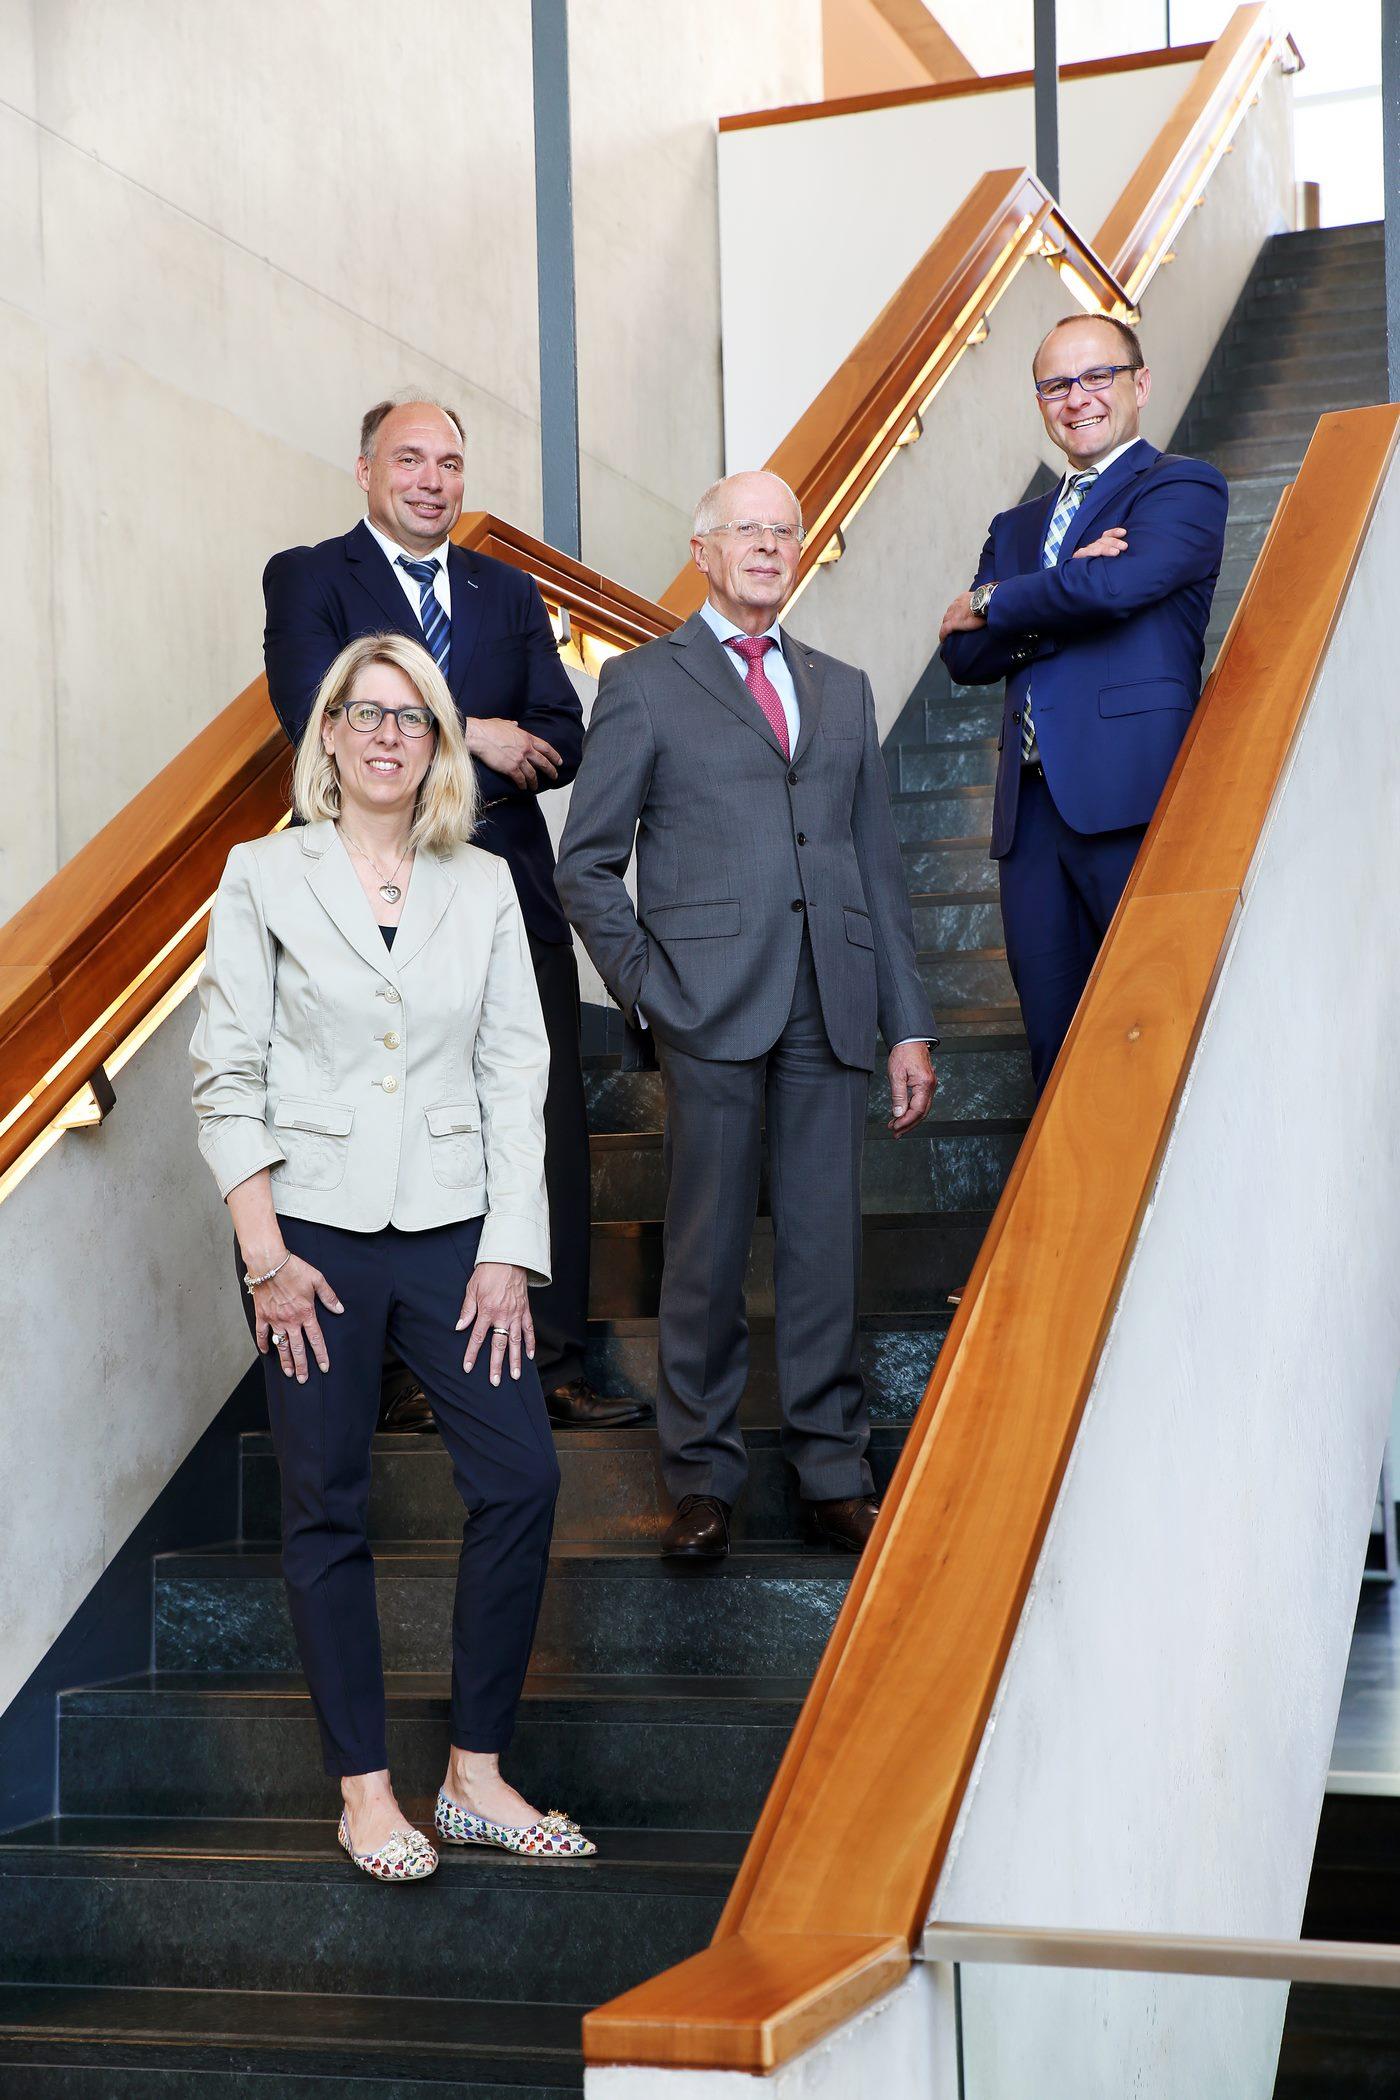 Businessfotografie stehend auf Treppe